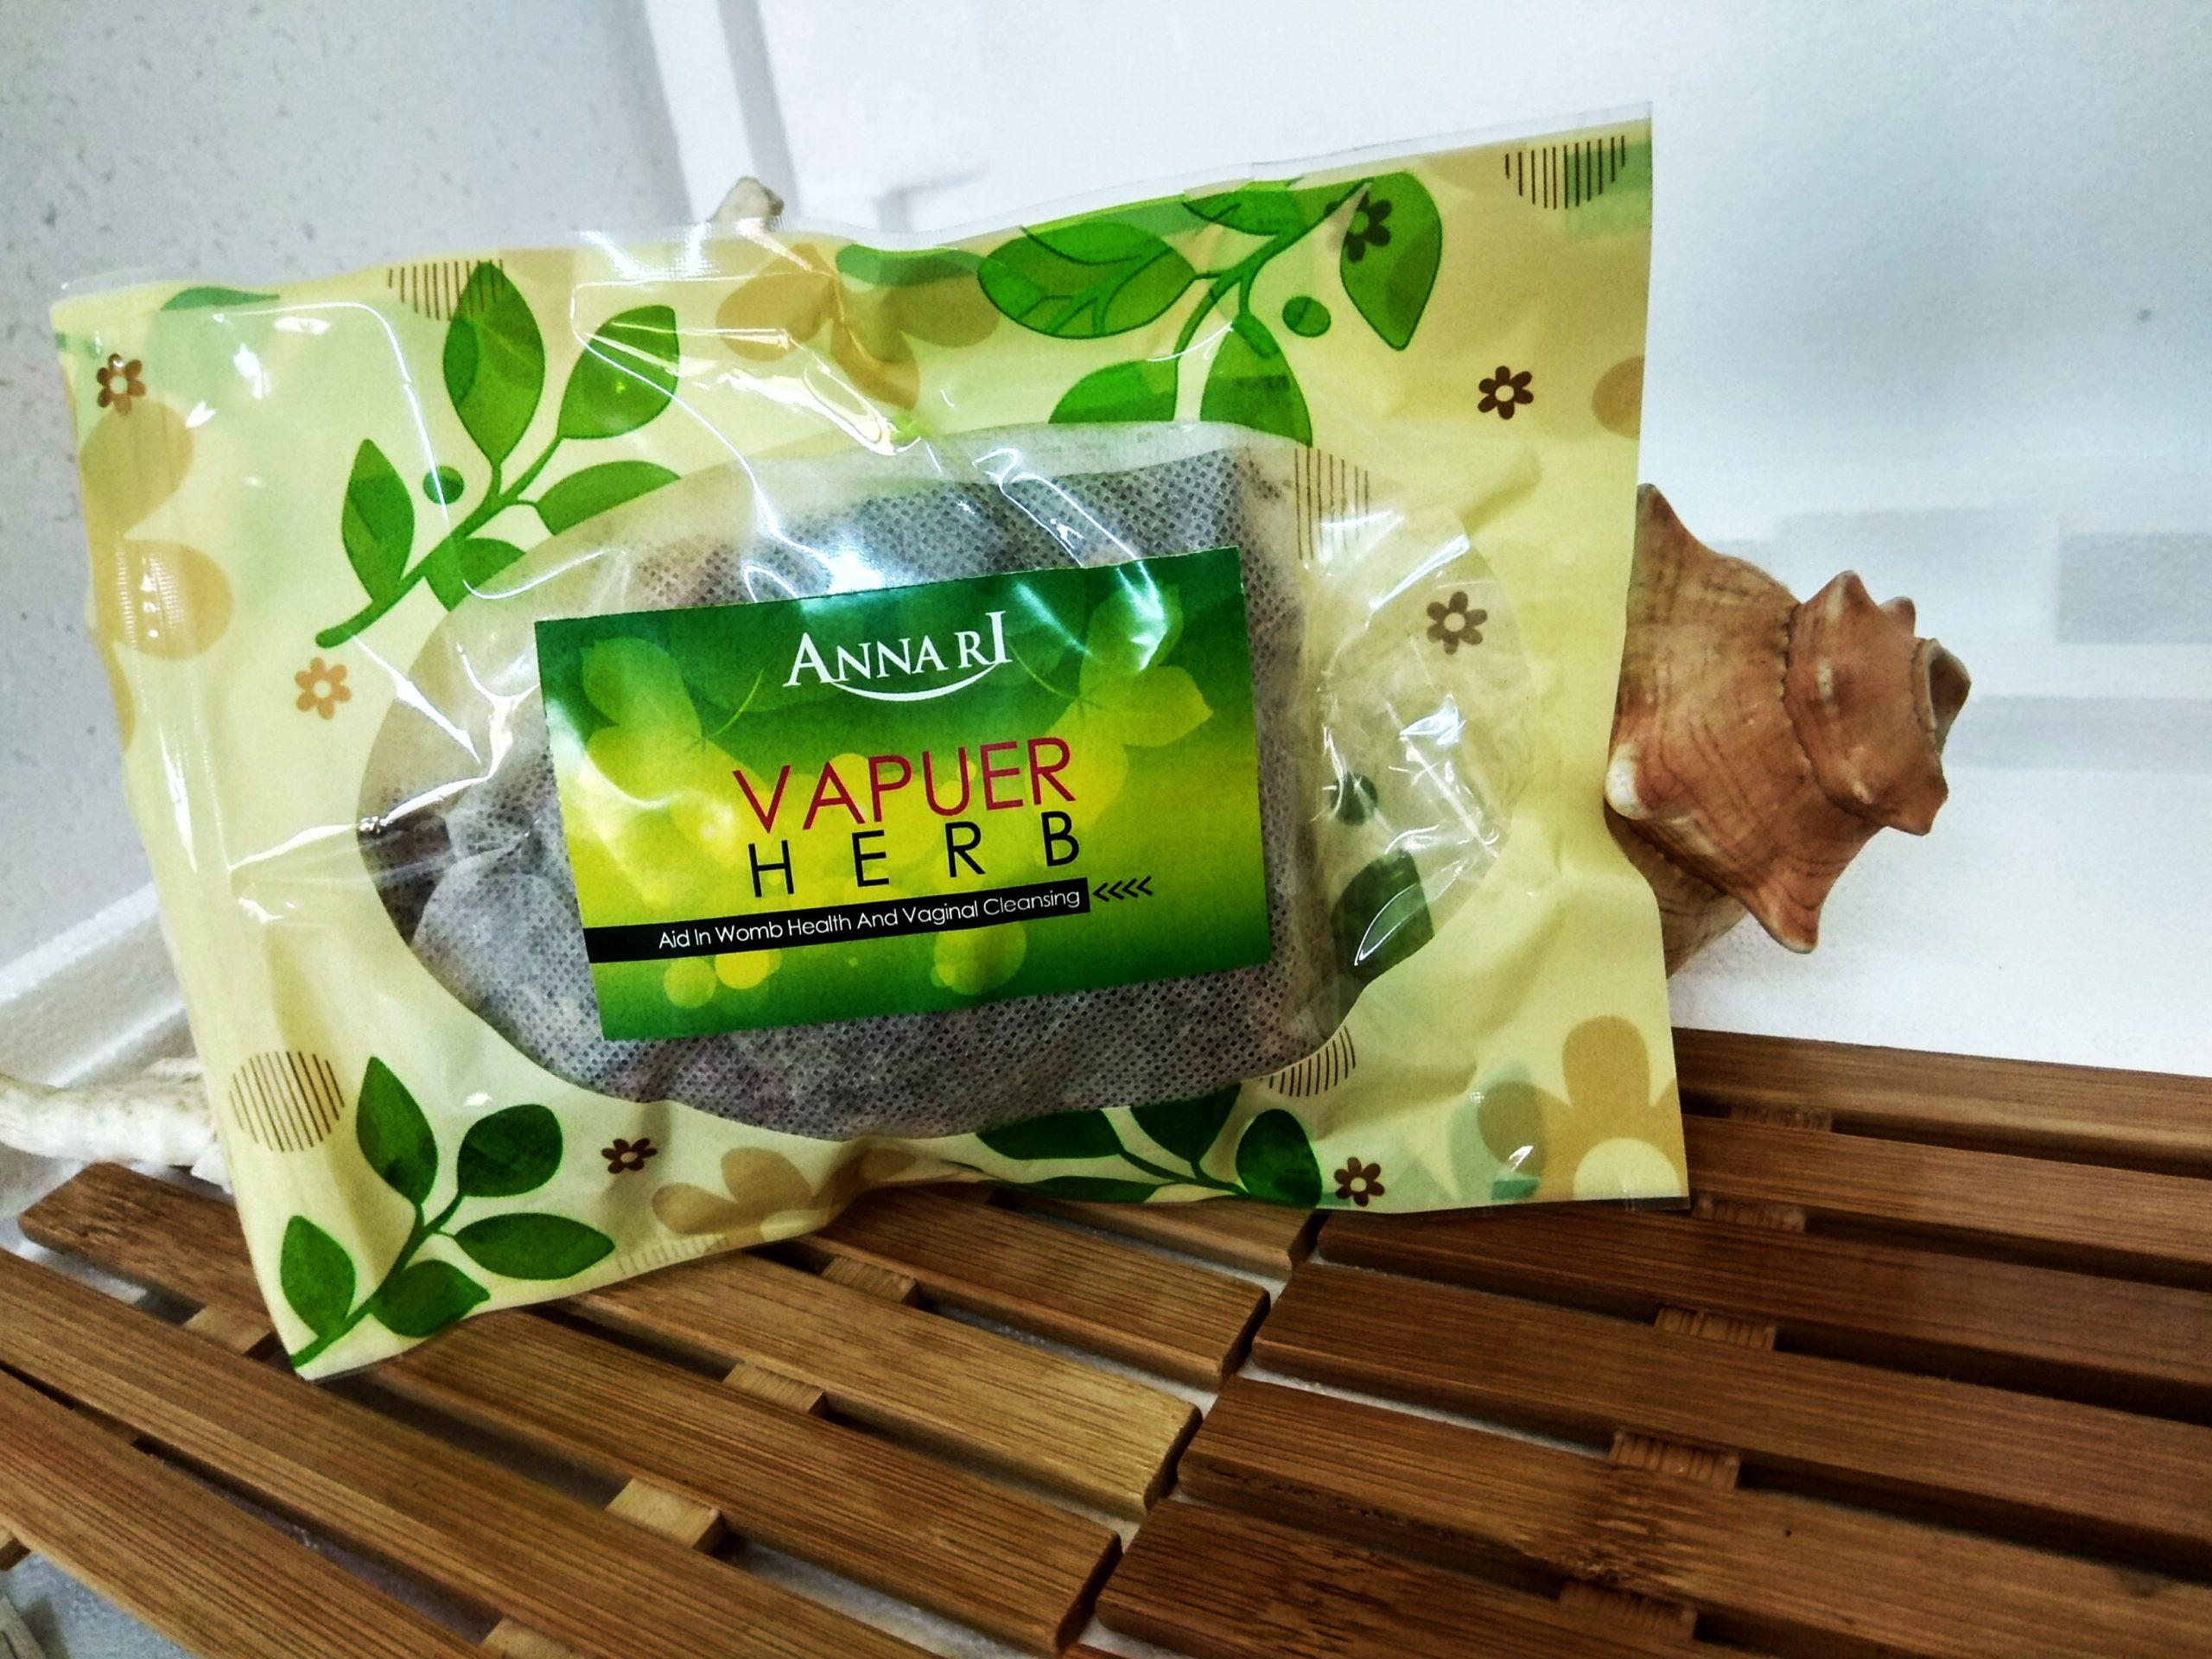 Herba Tangas untuk wanita [Annari Vapuer Herb]